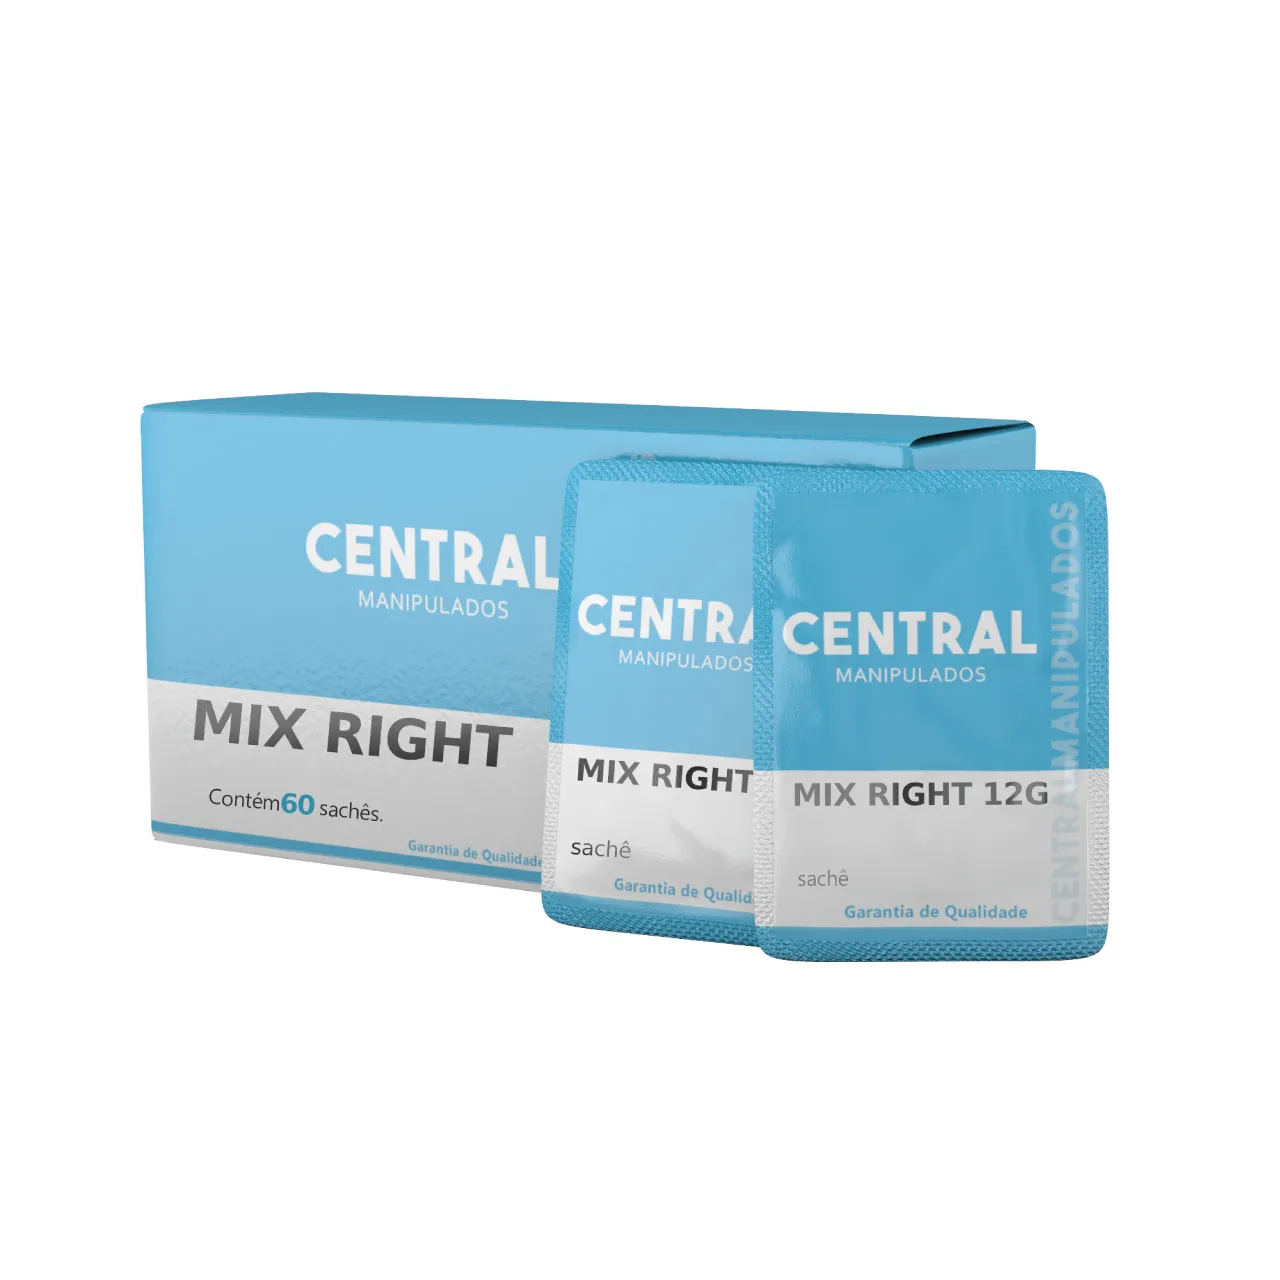 Mix Rigth com 8 aminoácidos 12gr cada Sache Efervescente Sabor Laranja - 60 Sachês - Ganho rápido de massa muscular, Aumento da Força e Fôlego